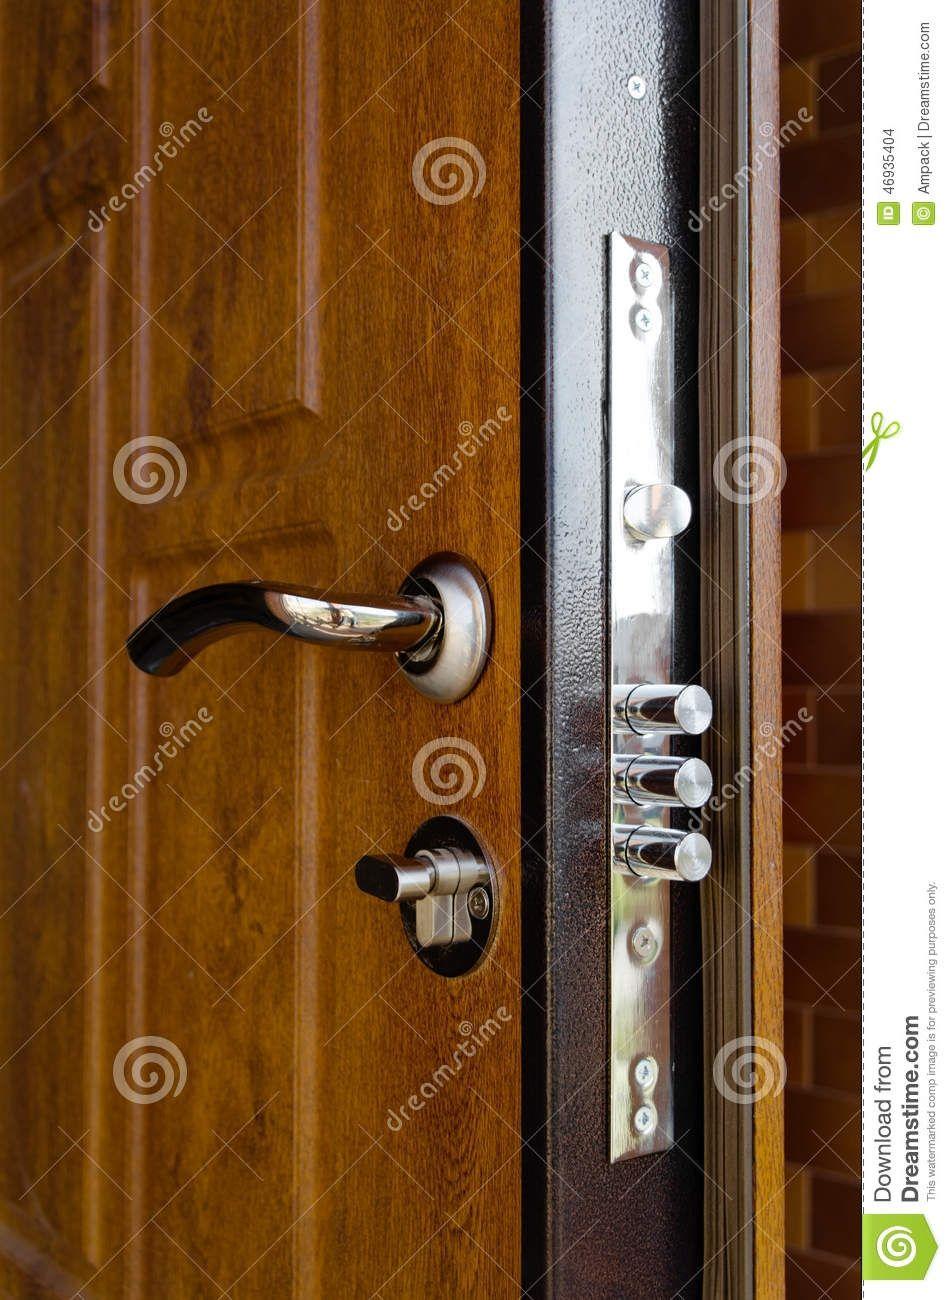 High Security Front Door Handles | http://thewrightstuff.us ...